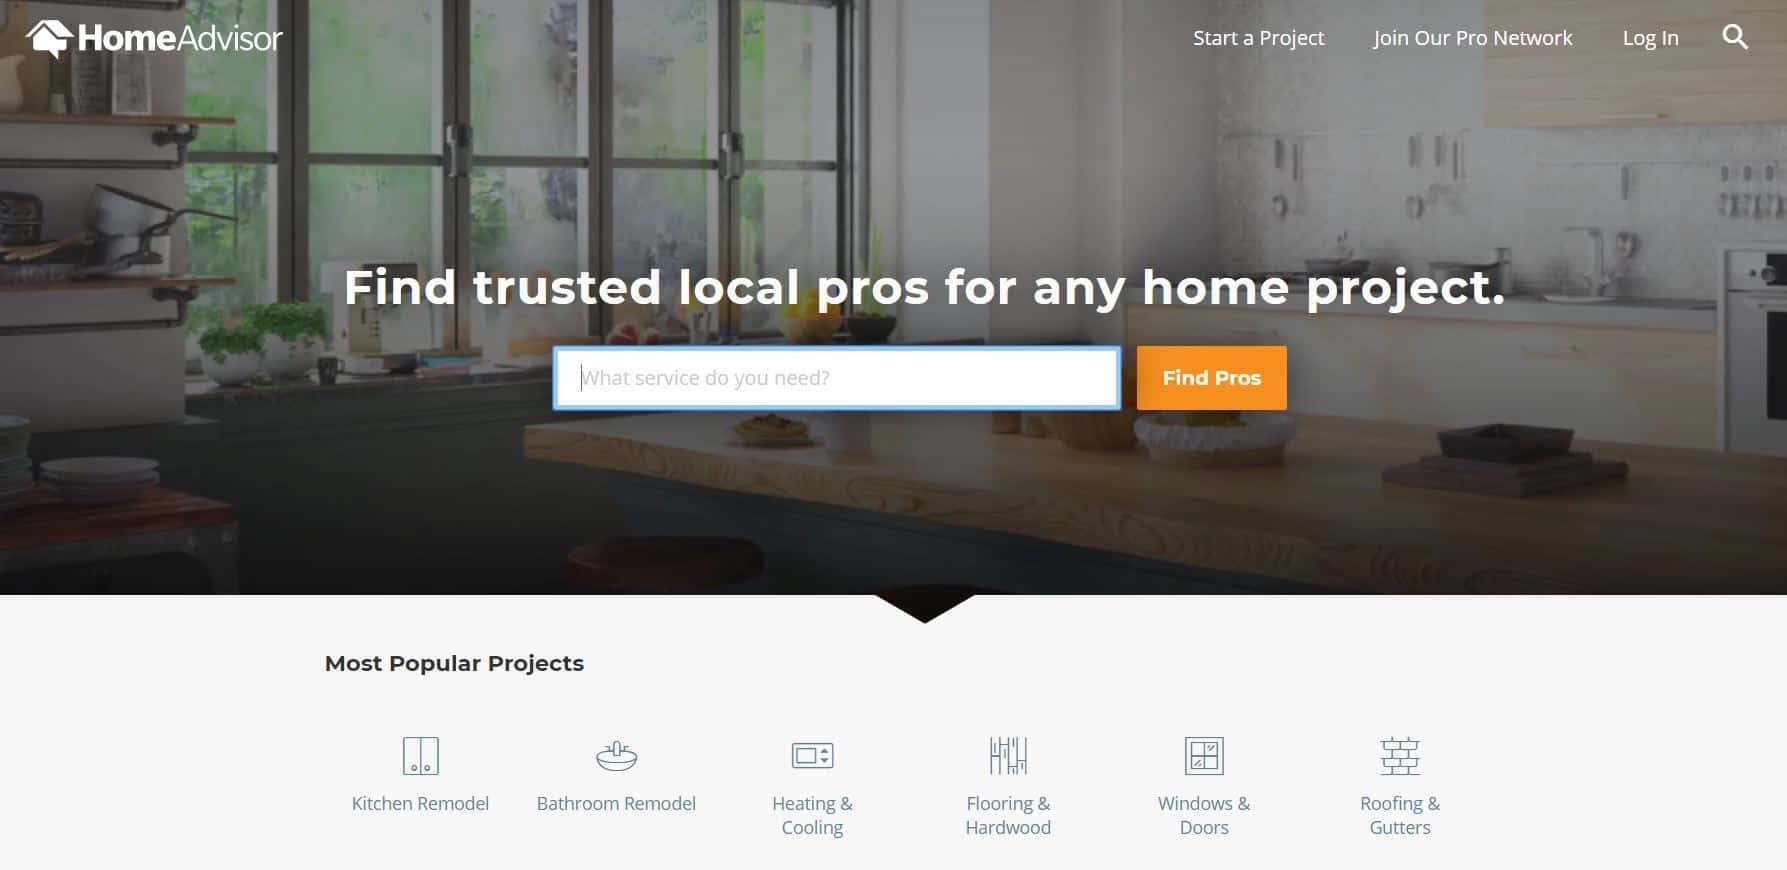 homeadvisor home page